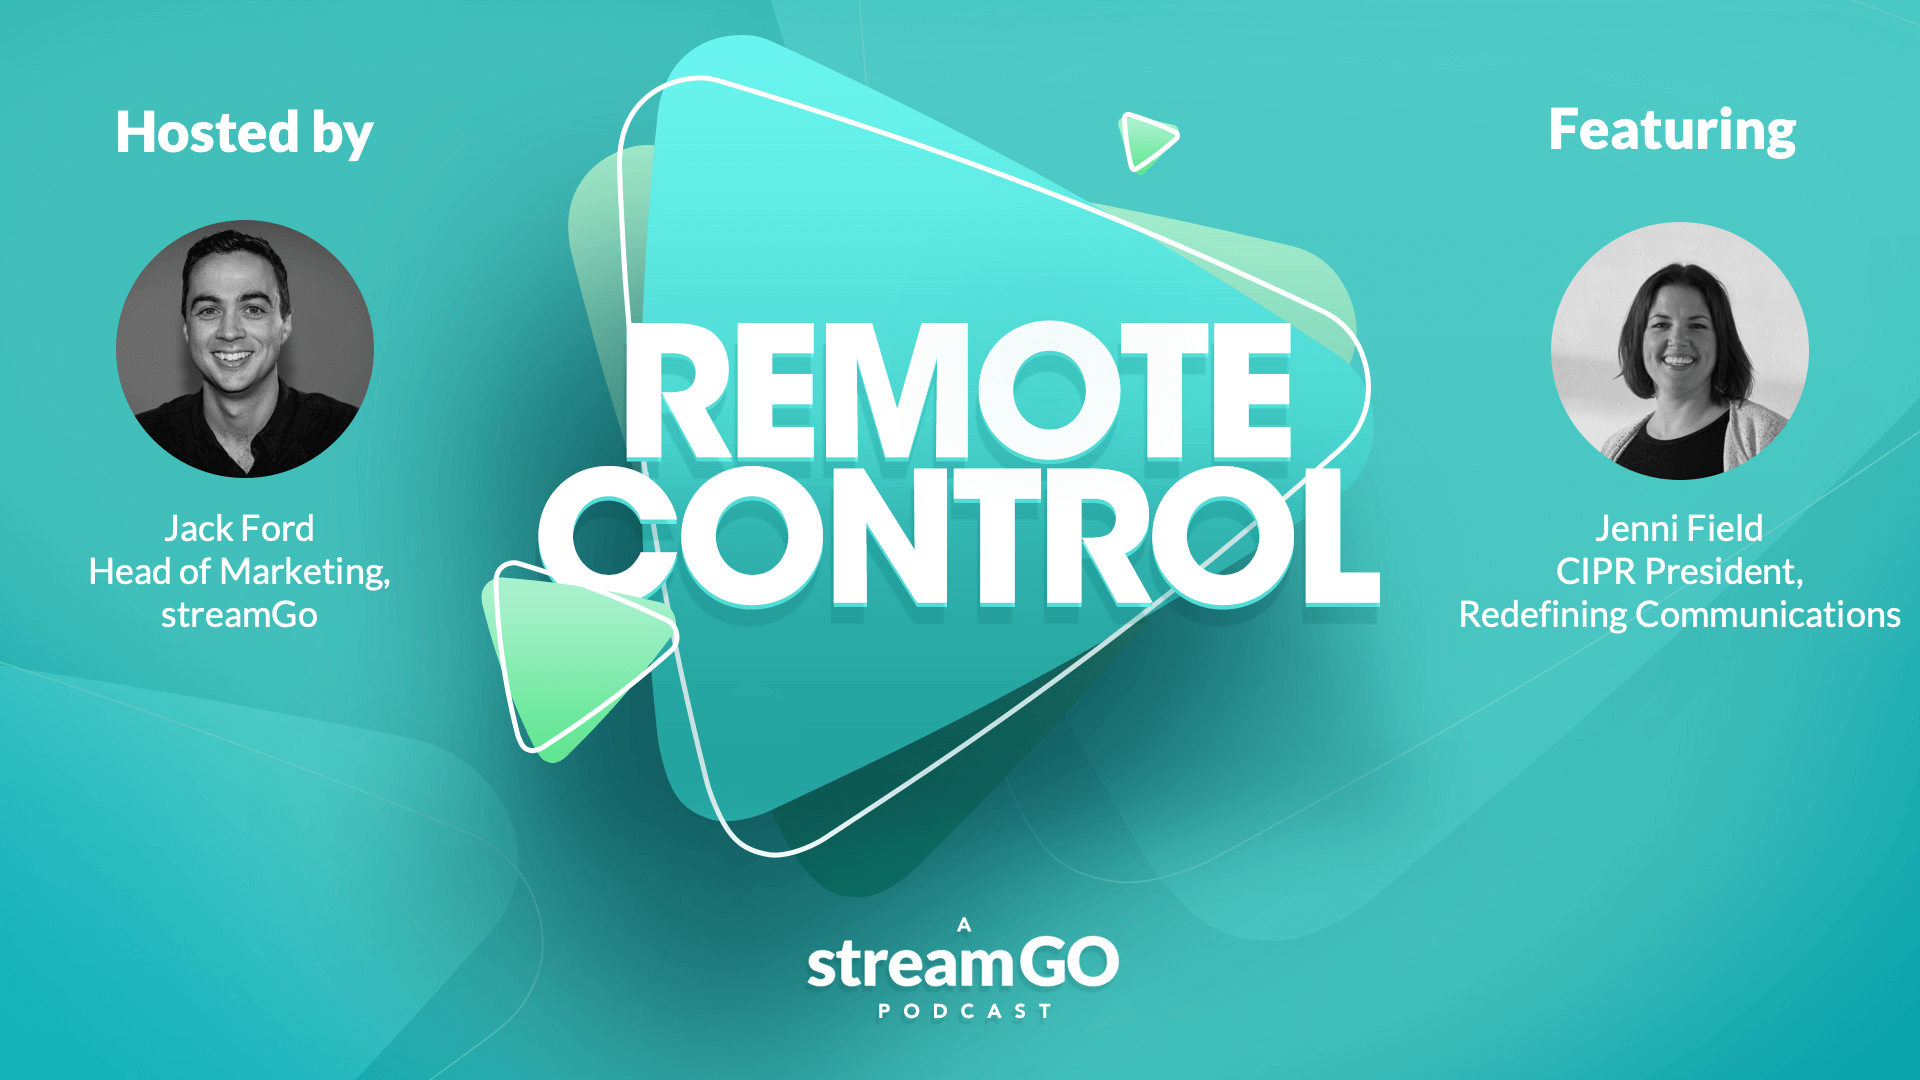 Remote Control - Jenni Field